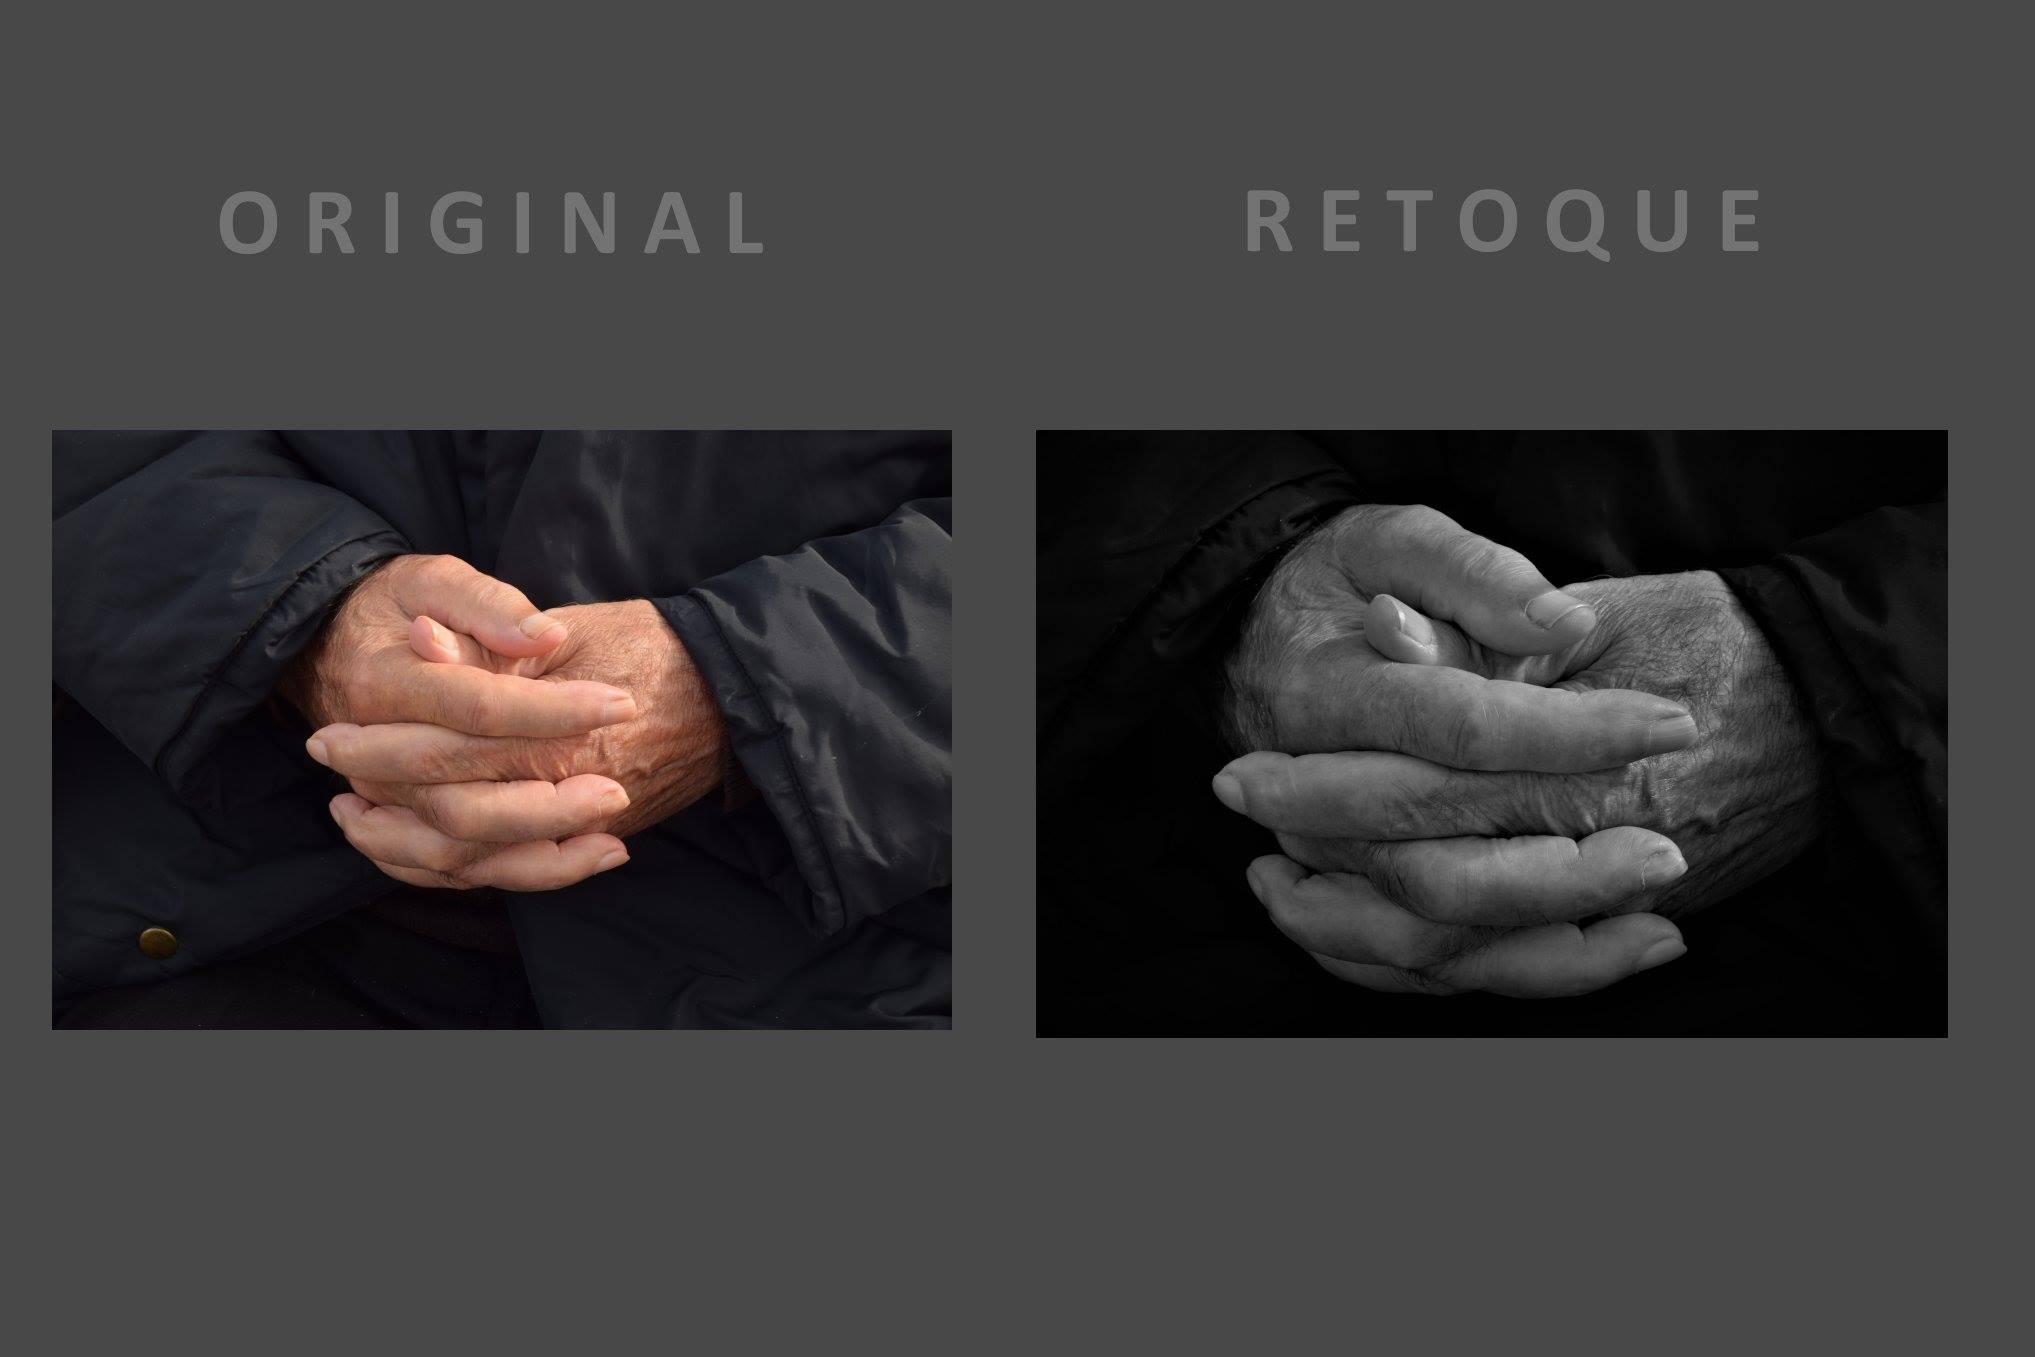 Retoque, David Chain